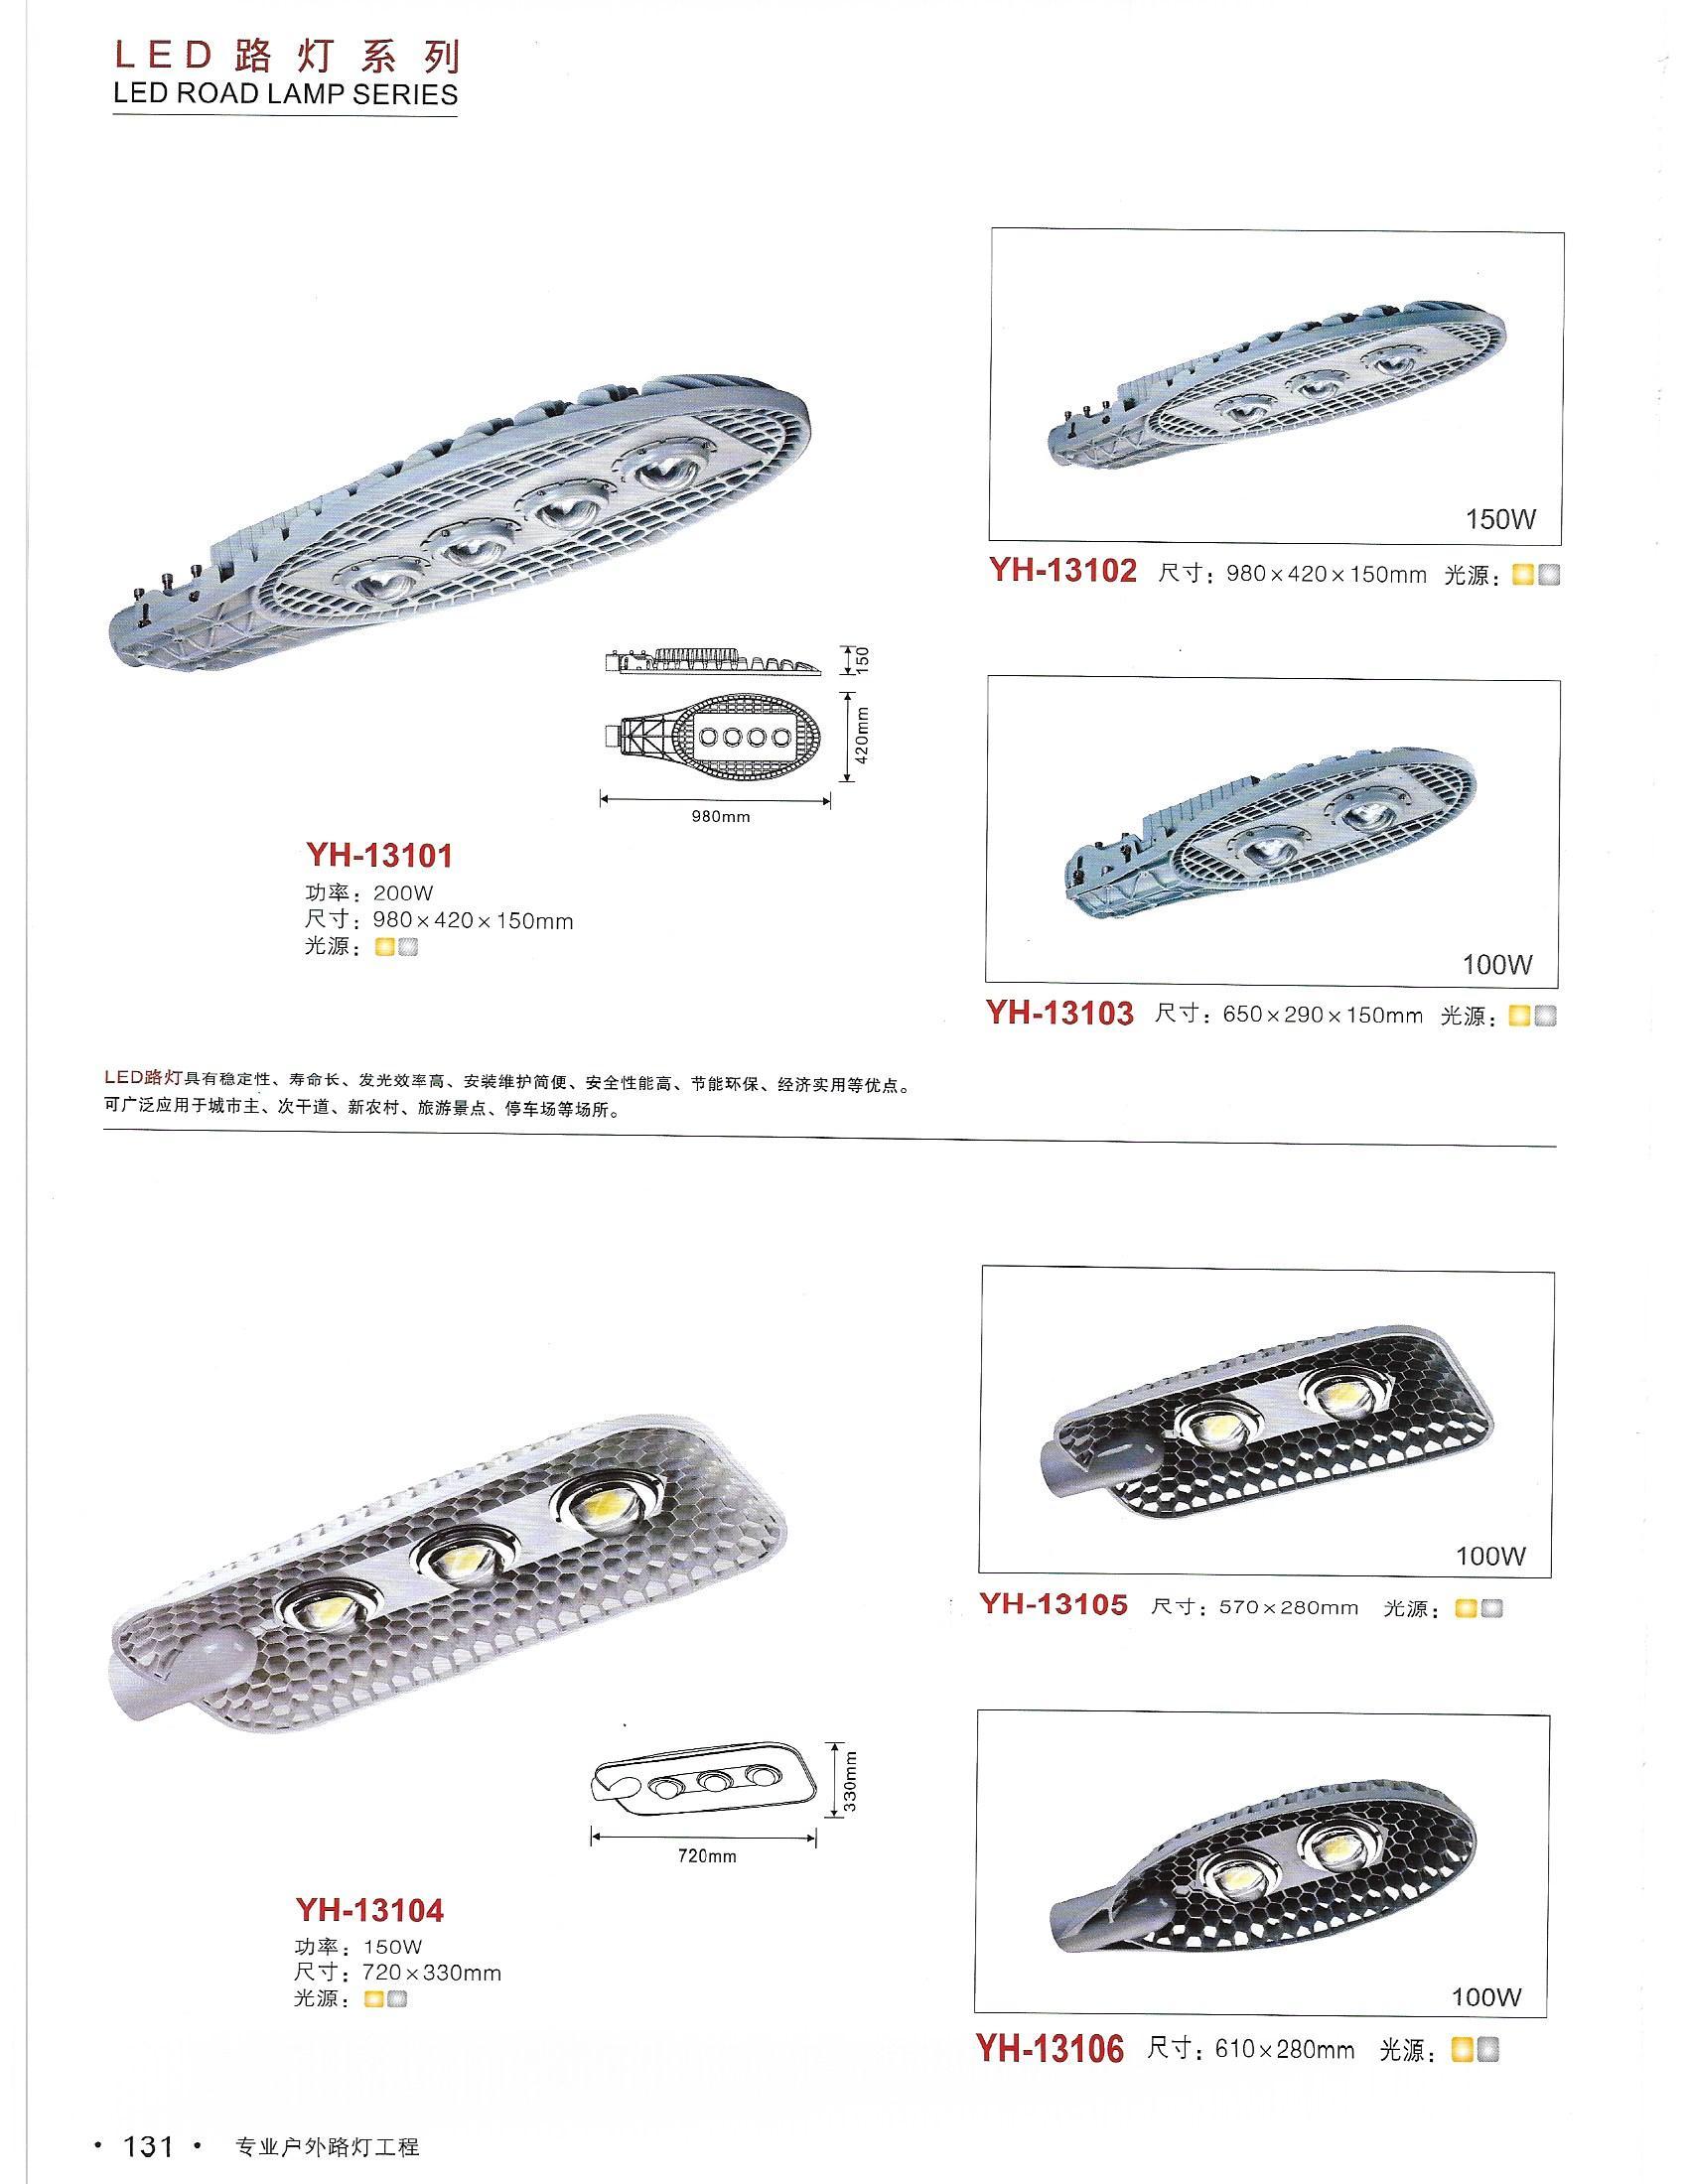 LED Lamp Street Light - Đèn đường 100 - 200W